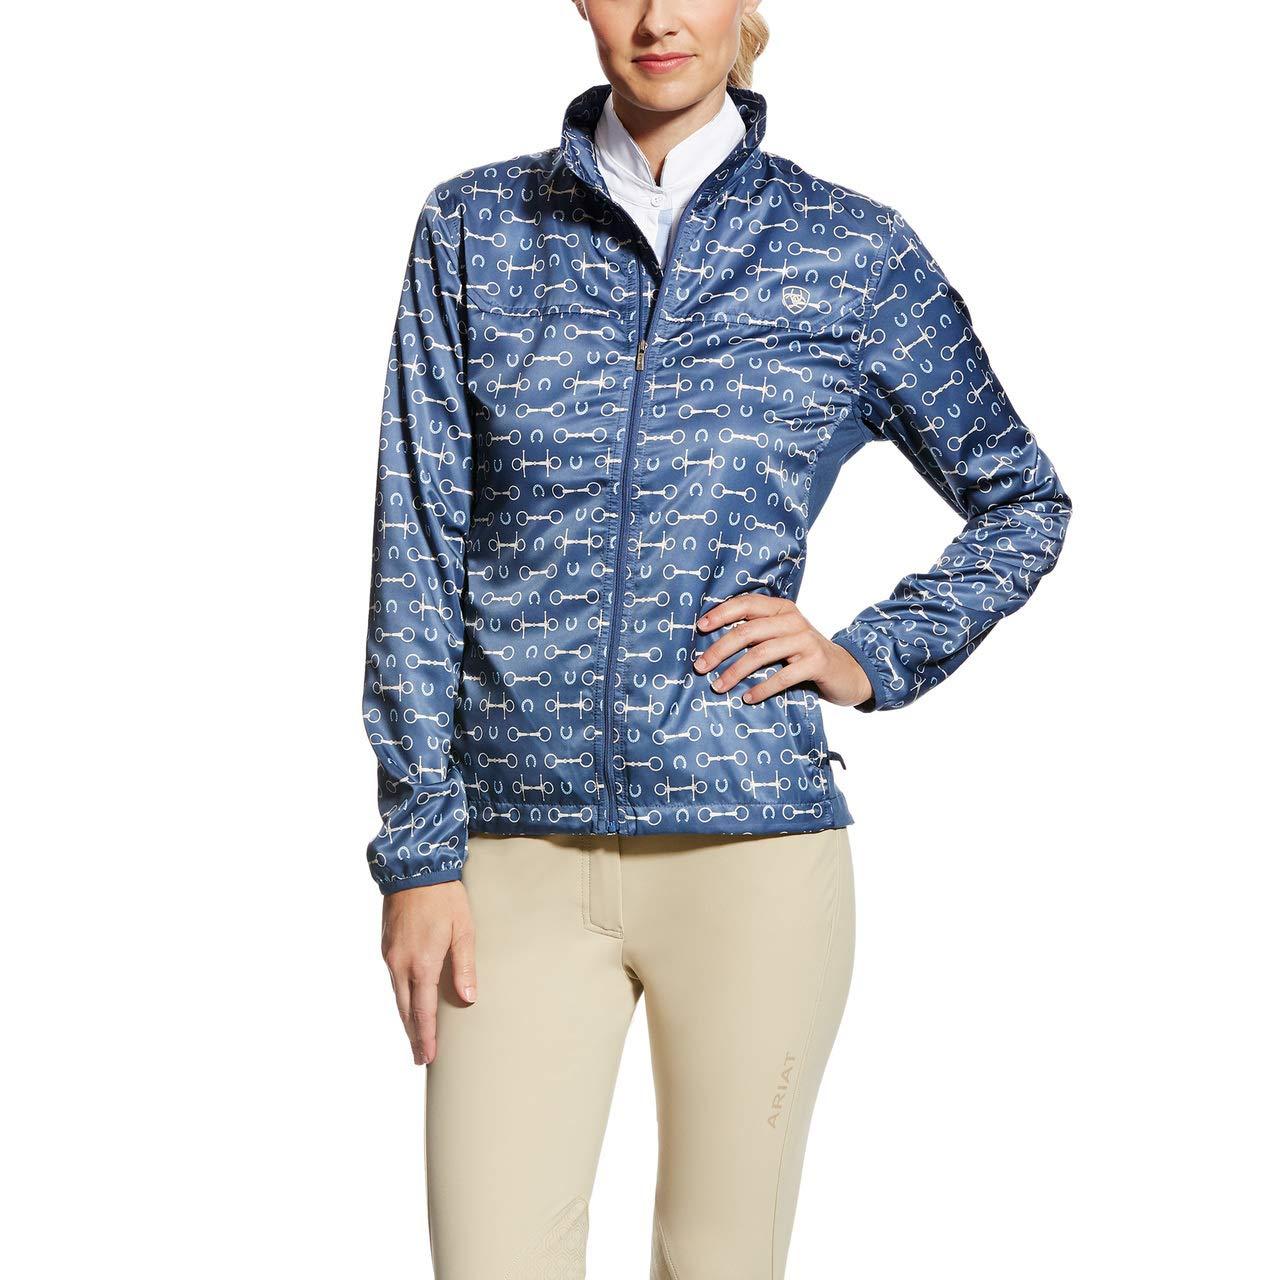 e73d03f3ca7 Ariat Women s Ideal Windbreaker Jacket Blue Bit Print 10022217 ...